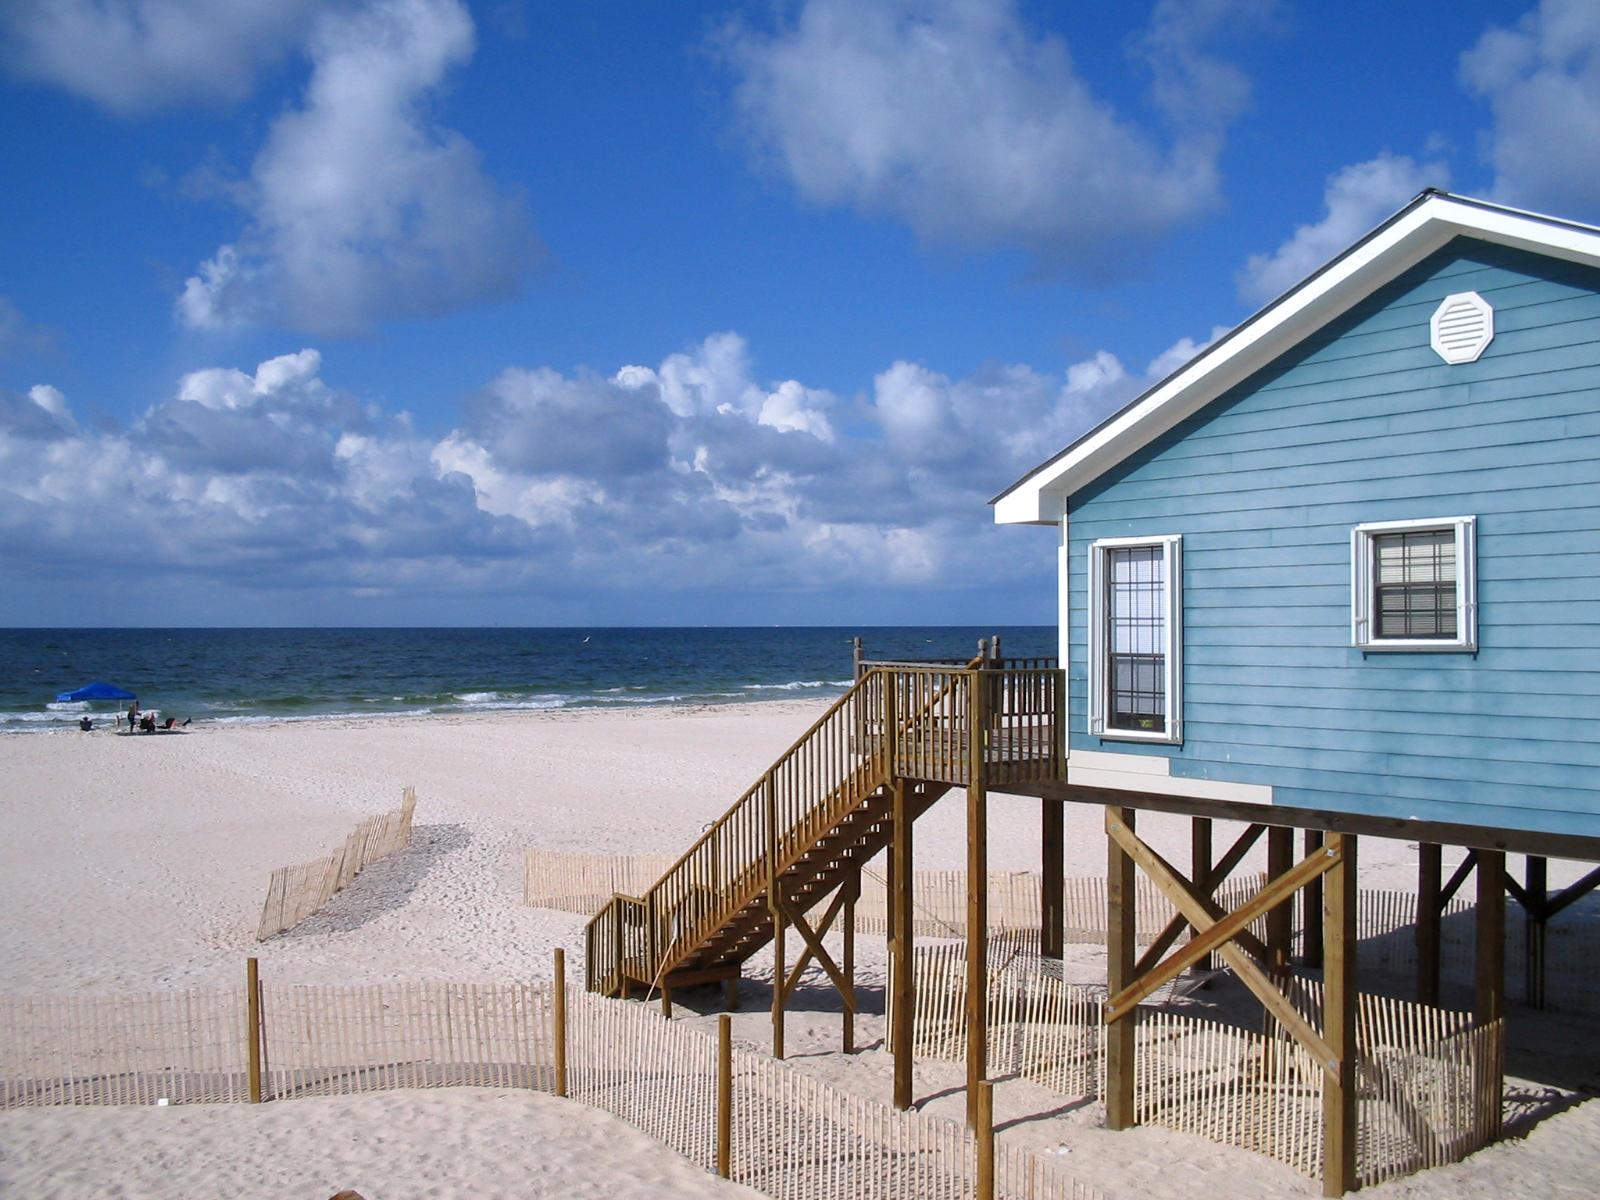 Coffee break si tuviera una casa en la playa if i had - Casa de playa ...